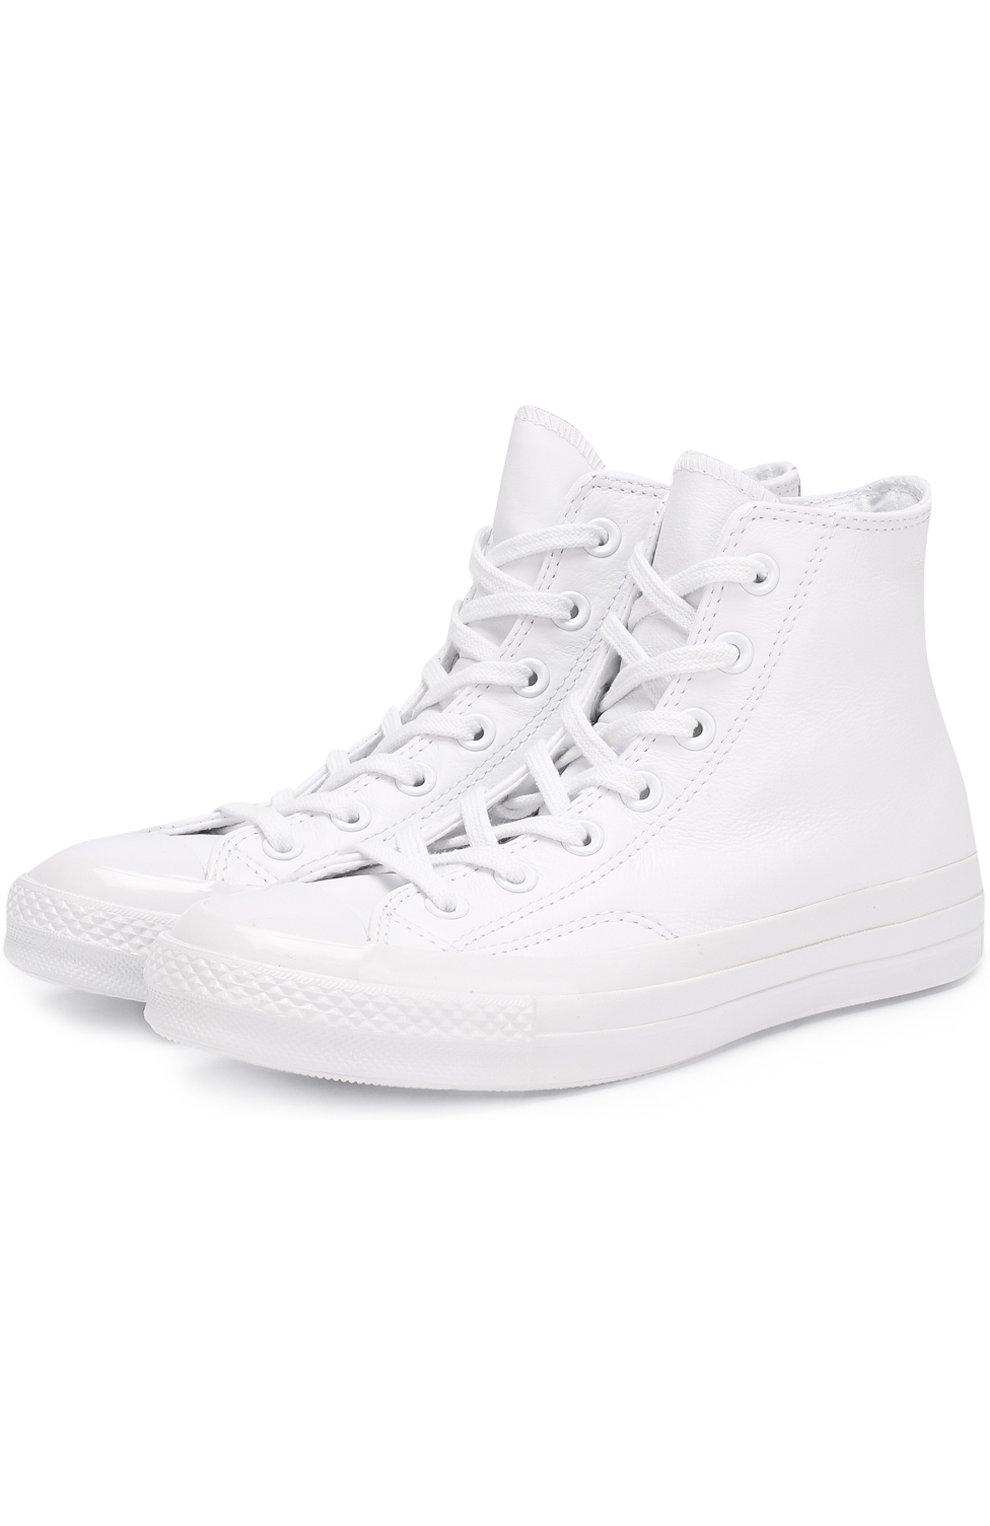 Высокие кожаные кеды All Star Converse белые  a8f1db5aaf1cb